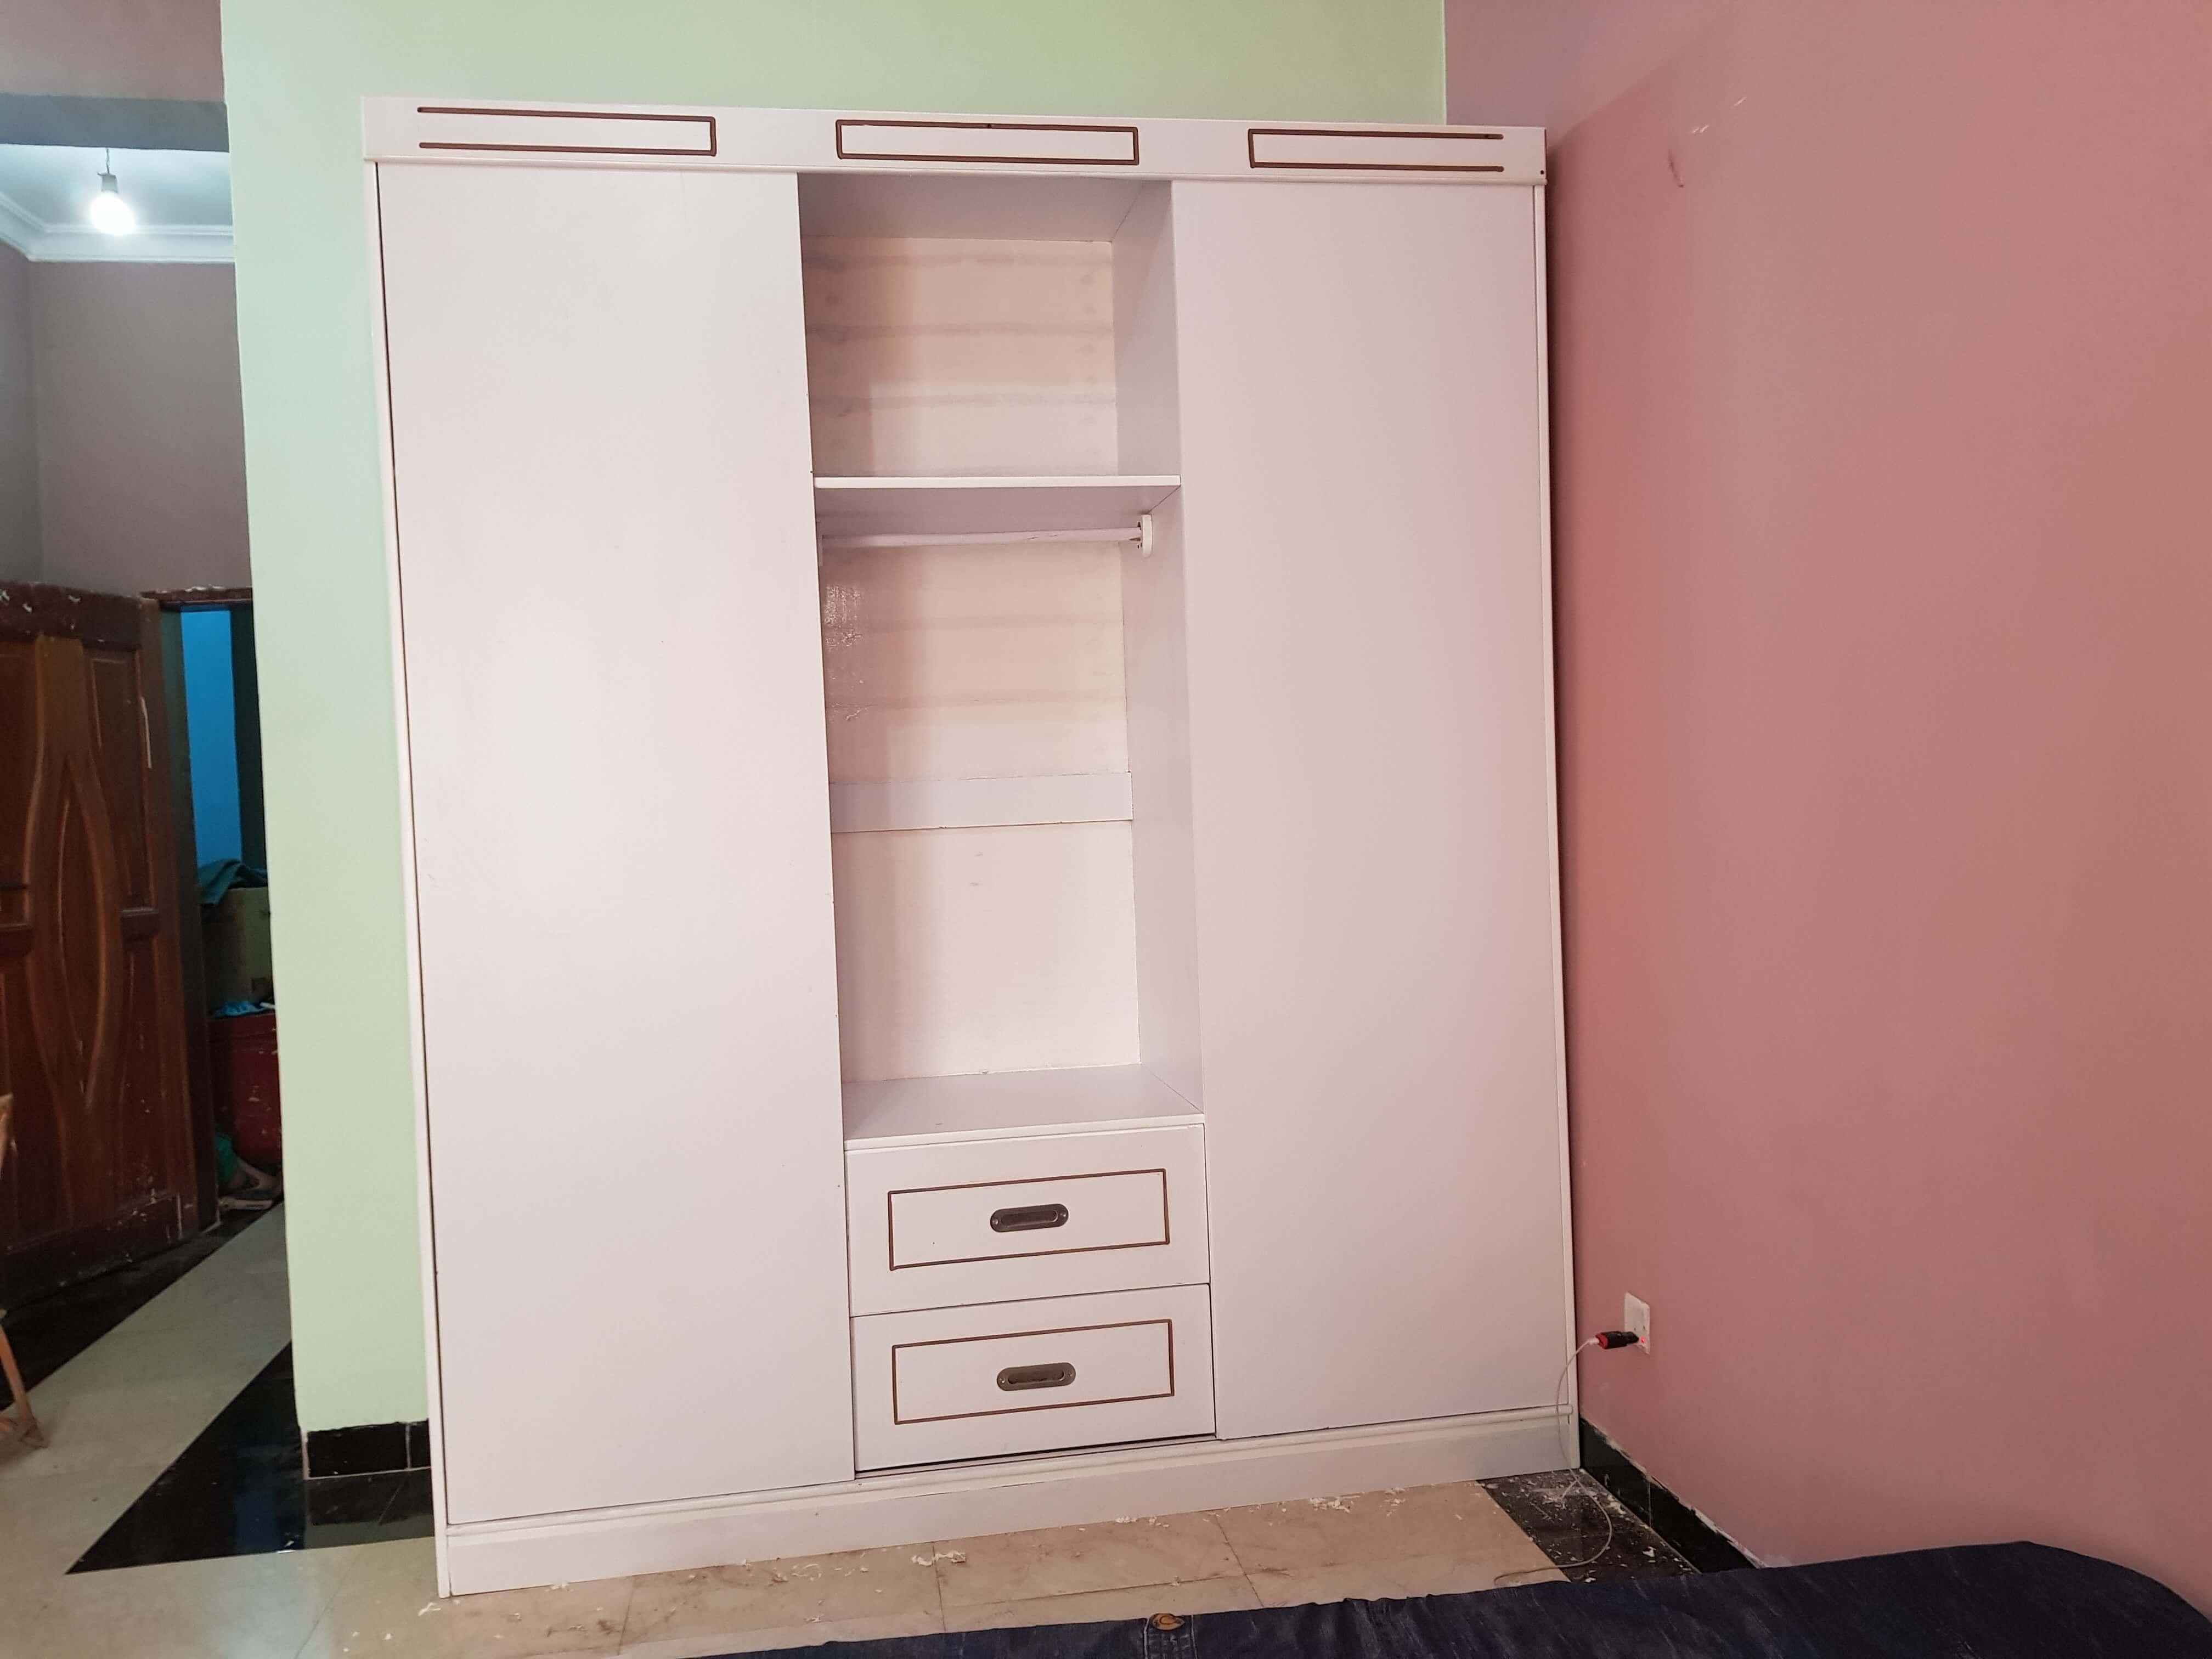 design-en-menuiserie-moderne-020521183600-img